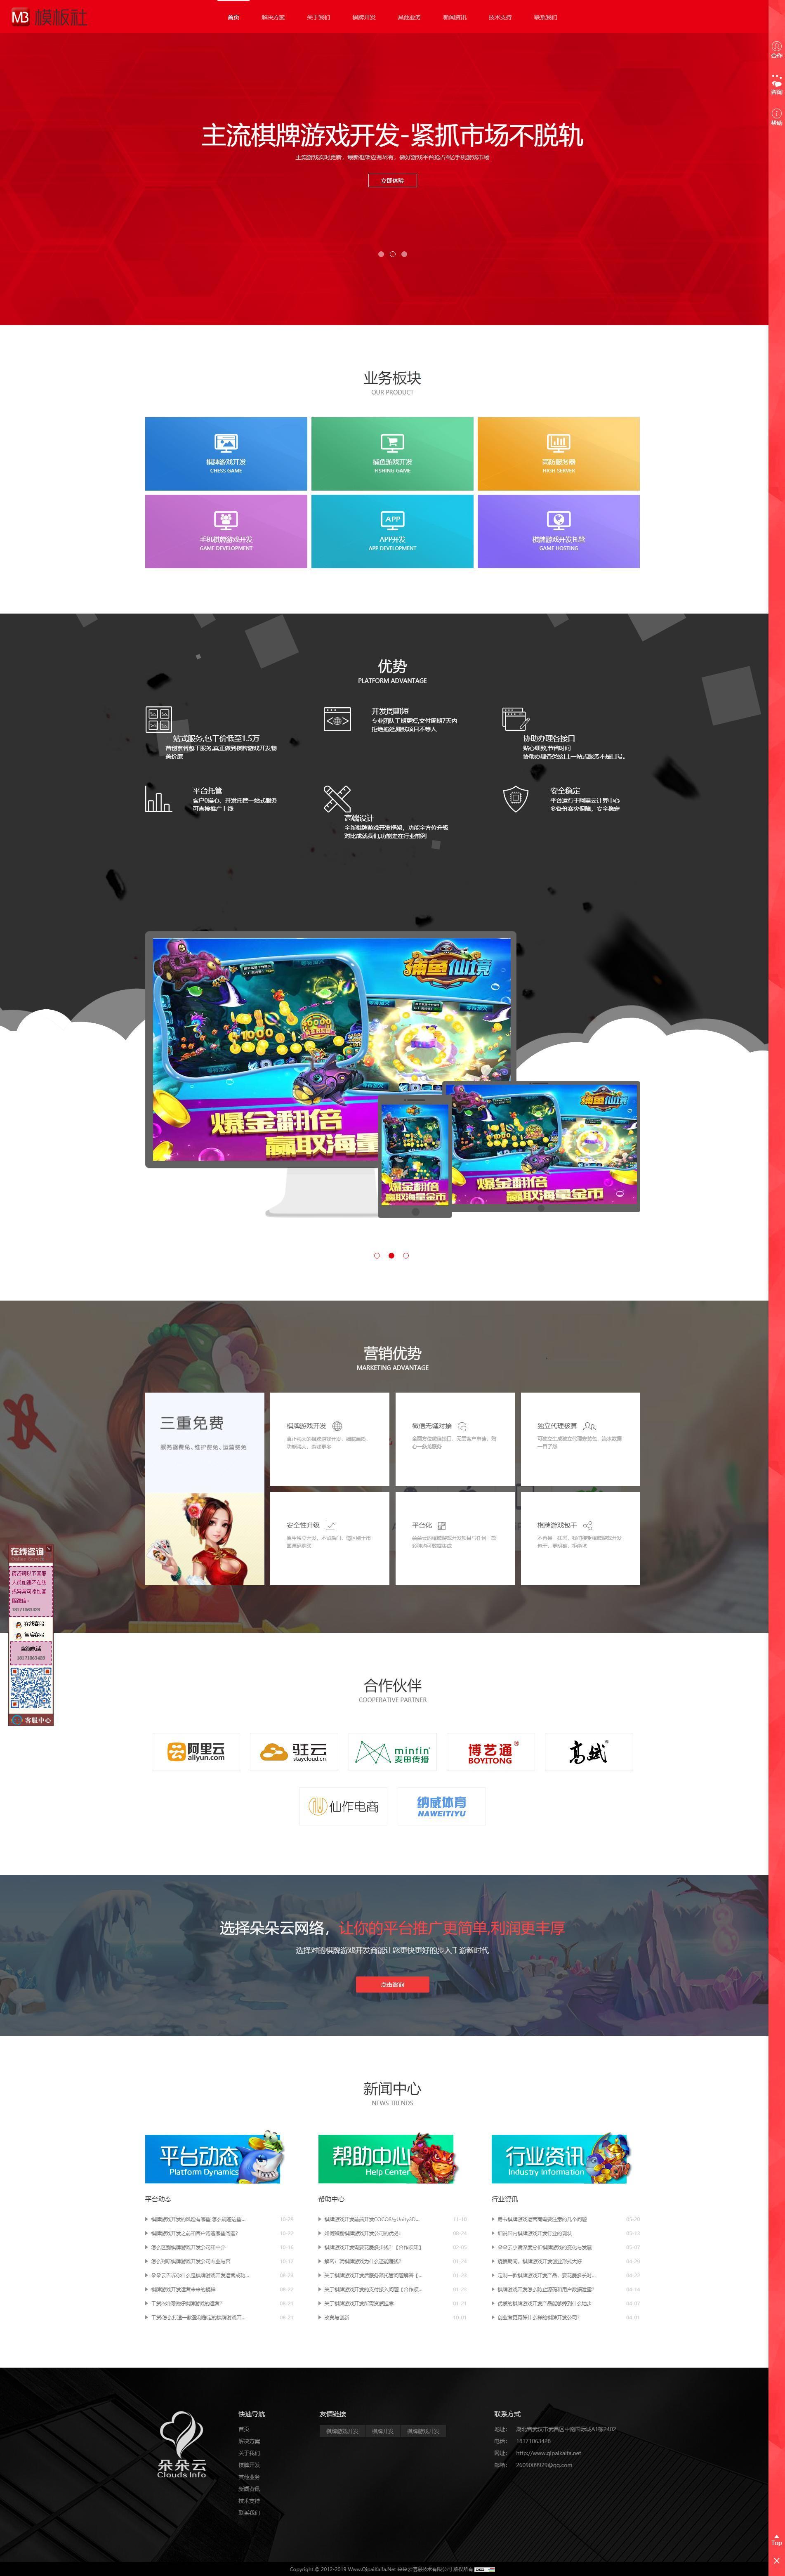 帝国CMS仿朵朵云QP娱乐游戏官网网站模板-爱资源分享